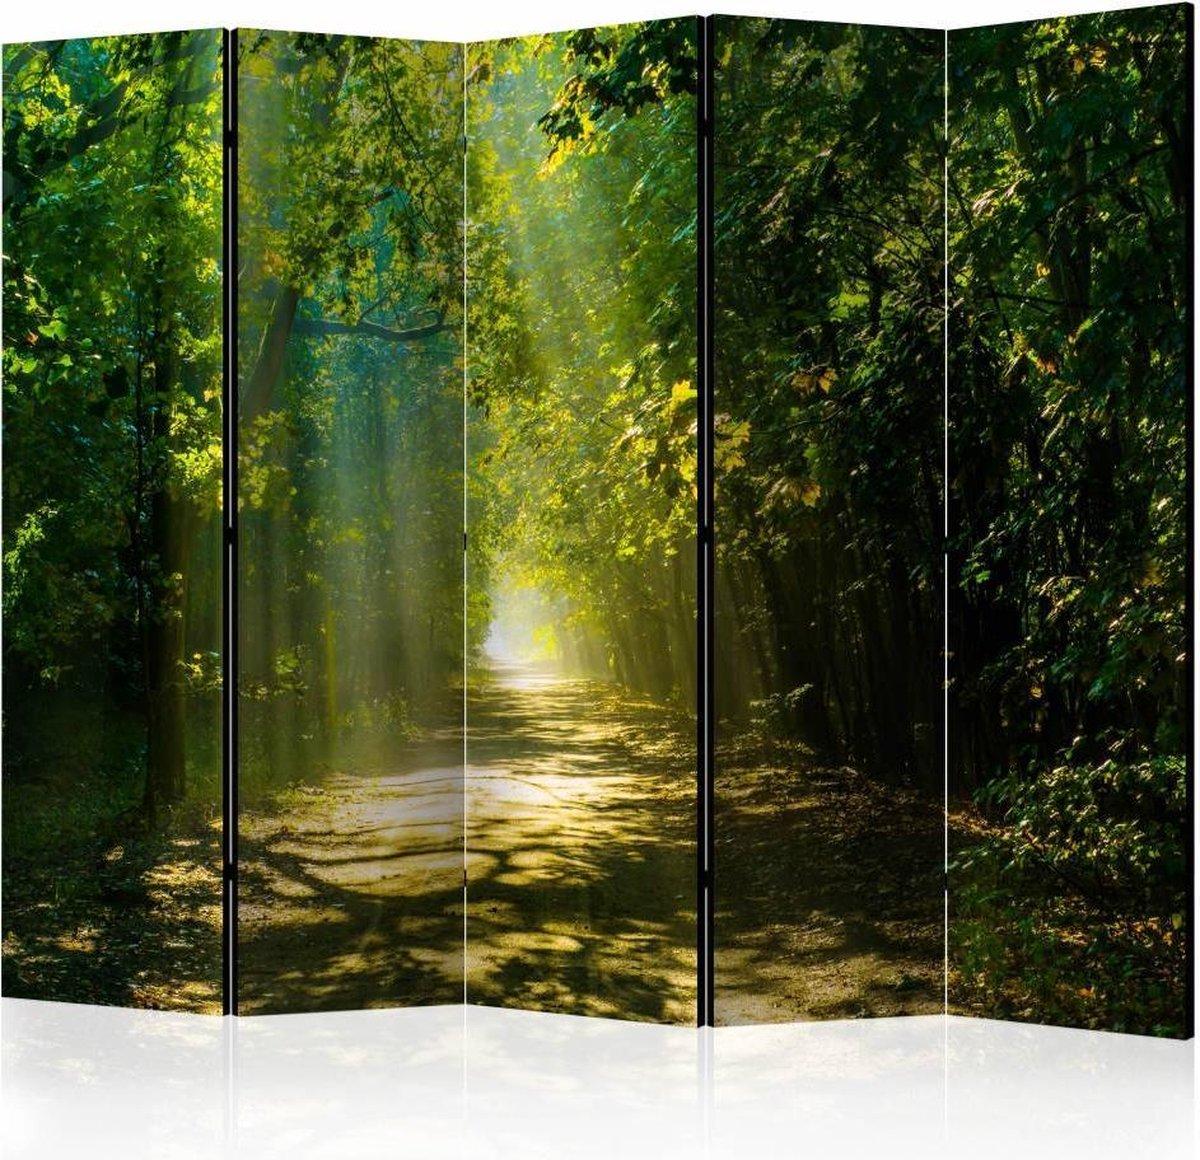 Vouwscherm - Zonlicht door de bomen, bos 225x172cm - karo-art